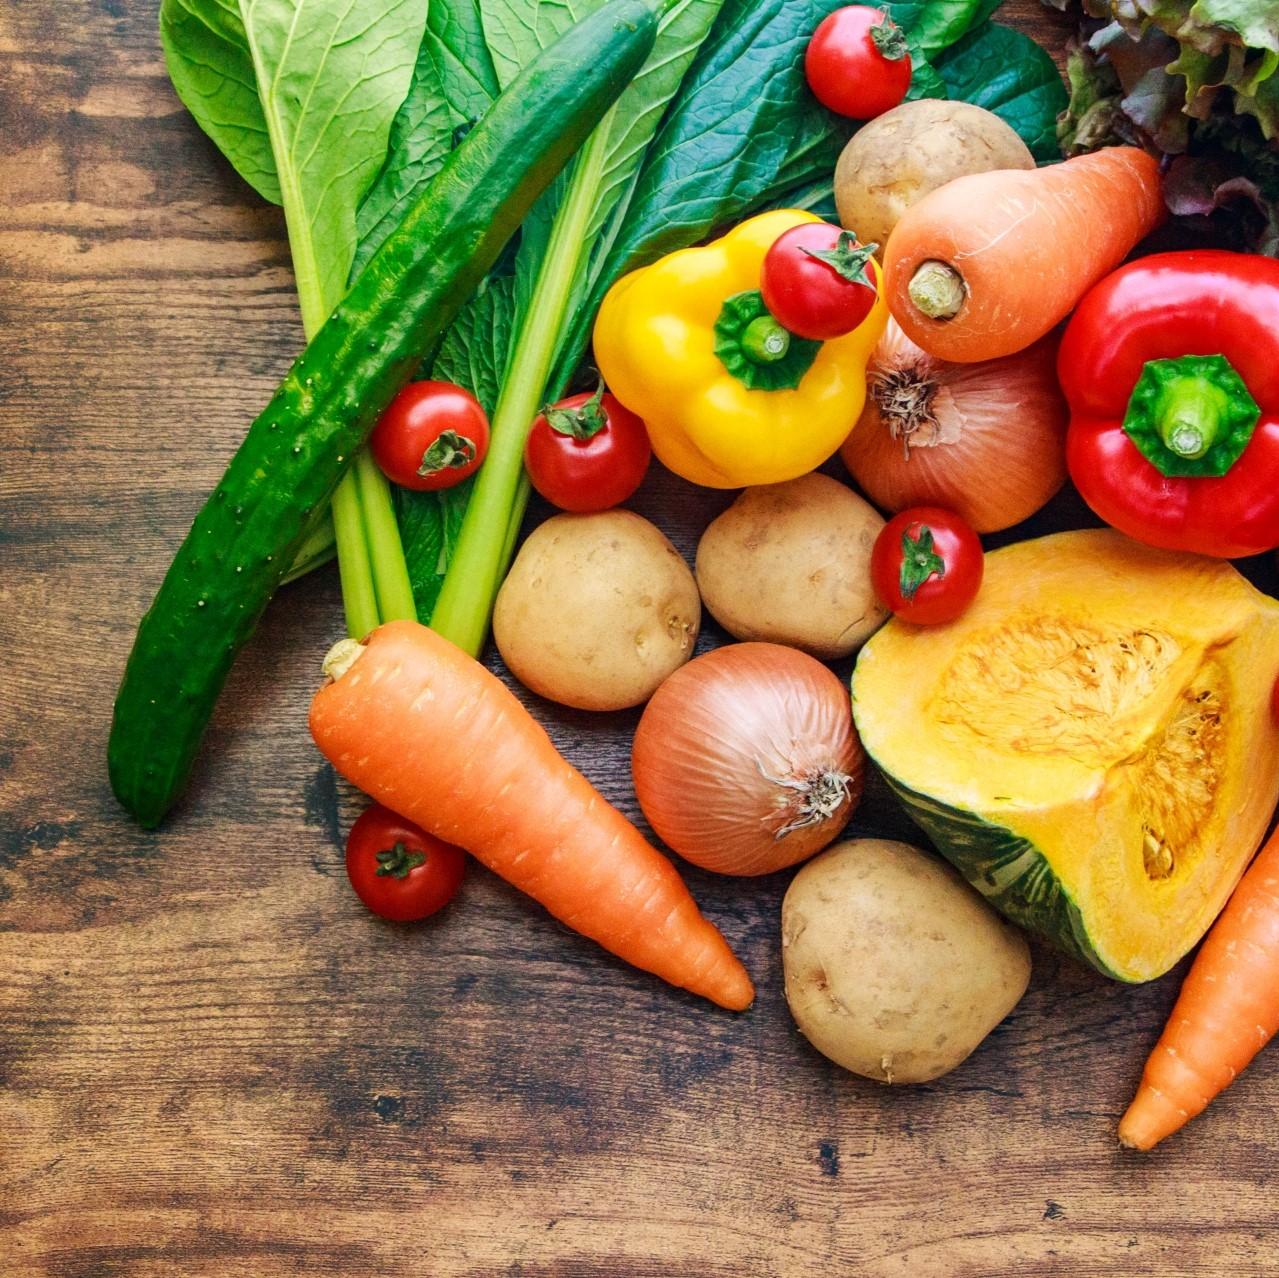 硝酸態窒素とは?人体へのリスクと安心・安全な野菜を作る方法